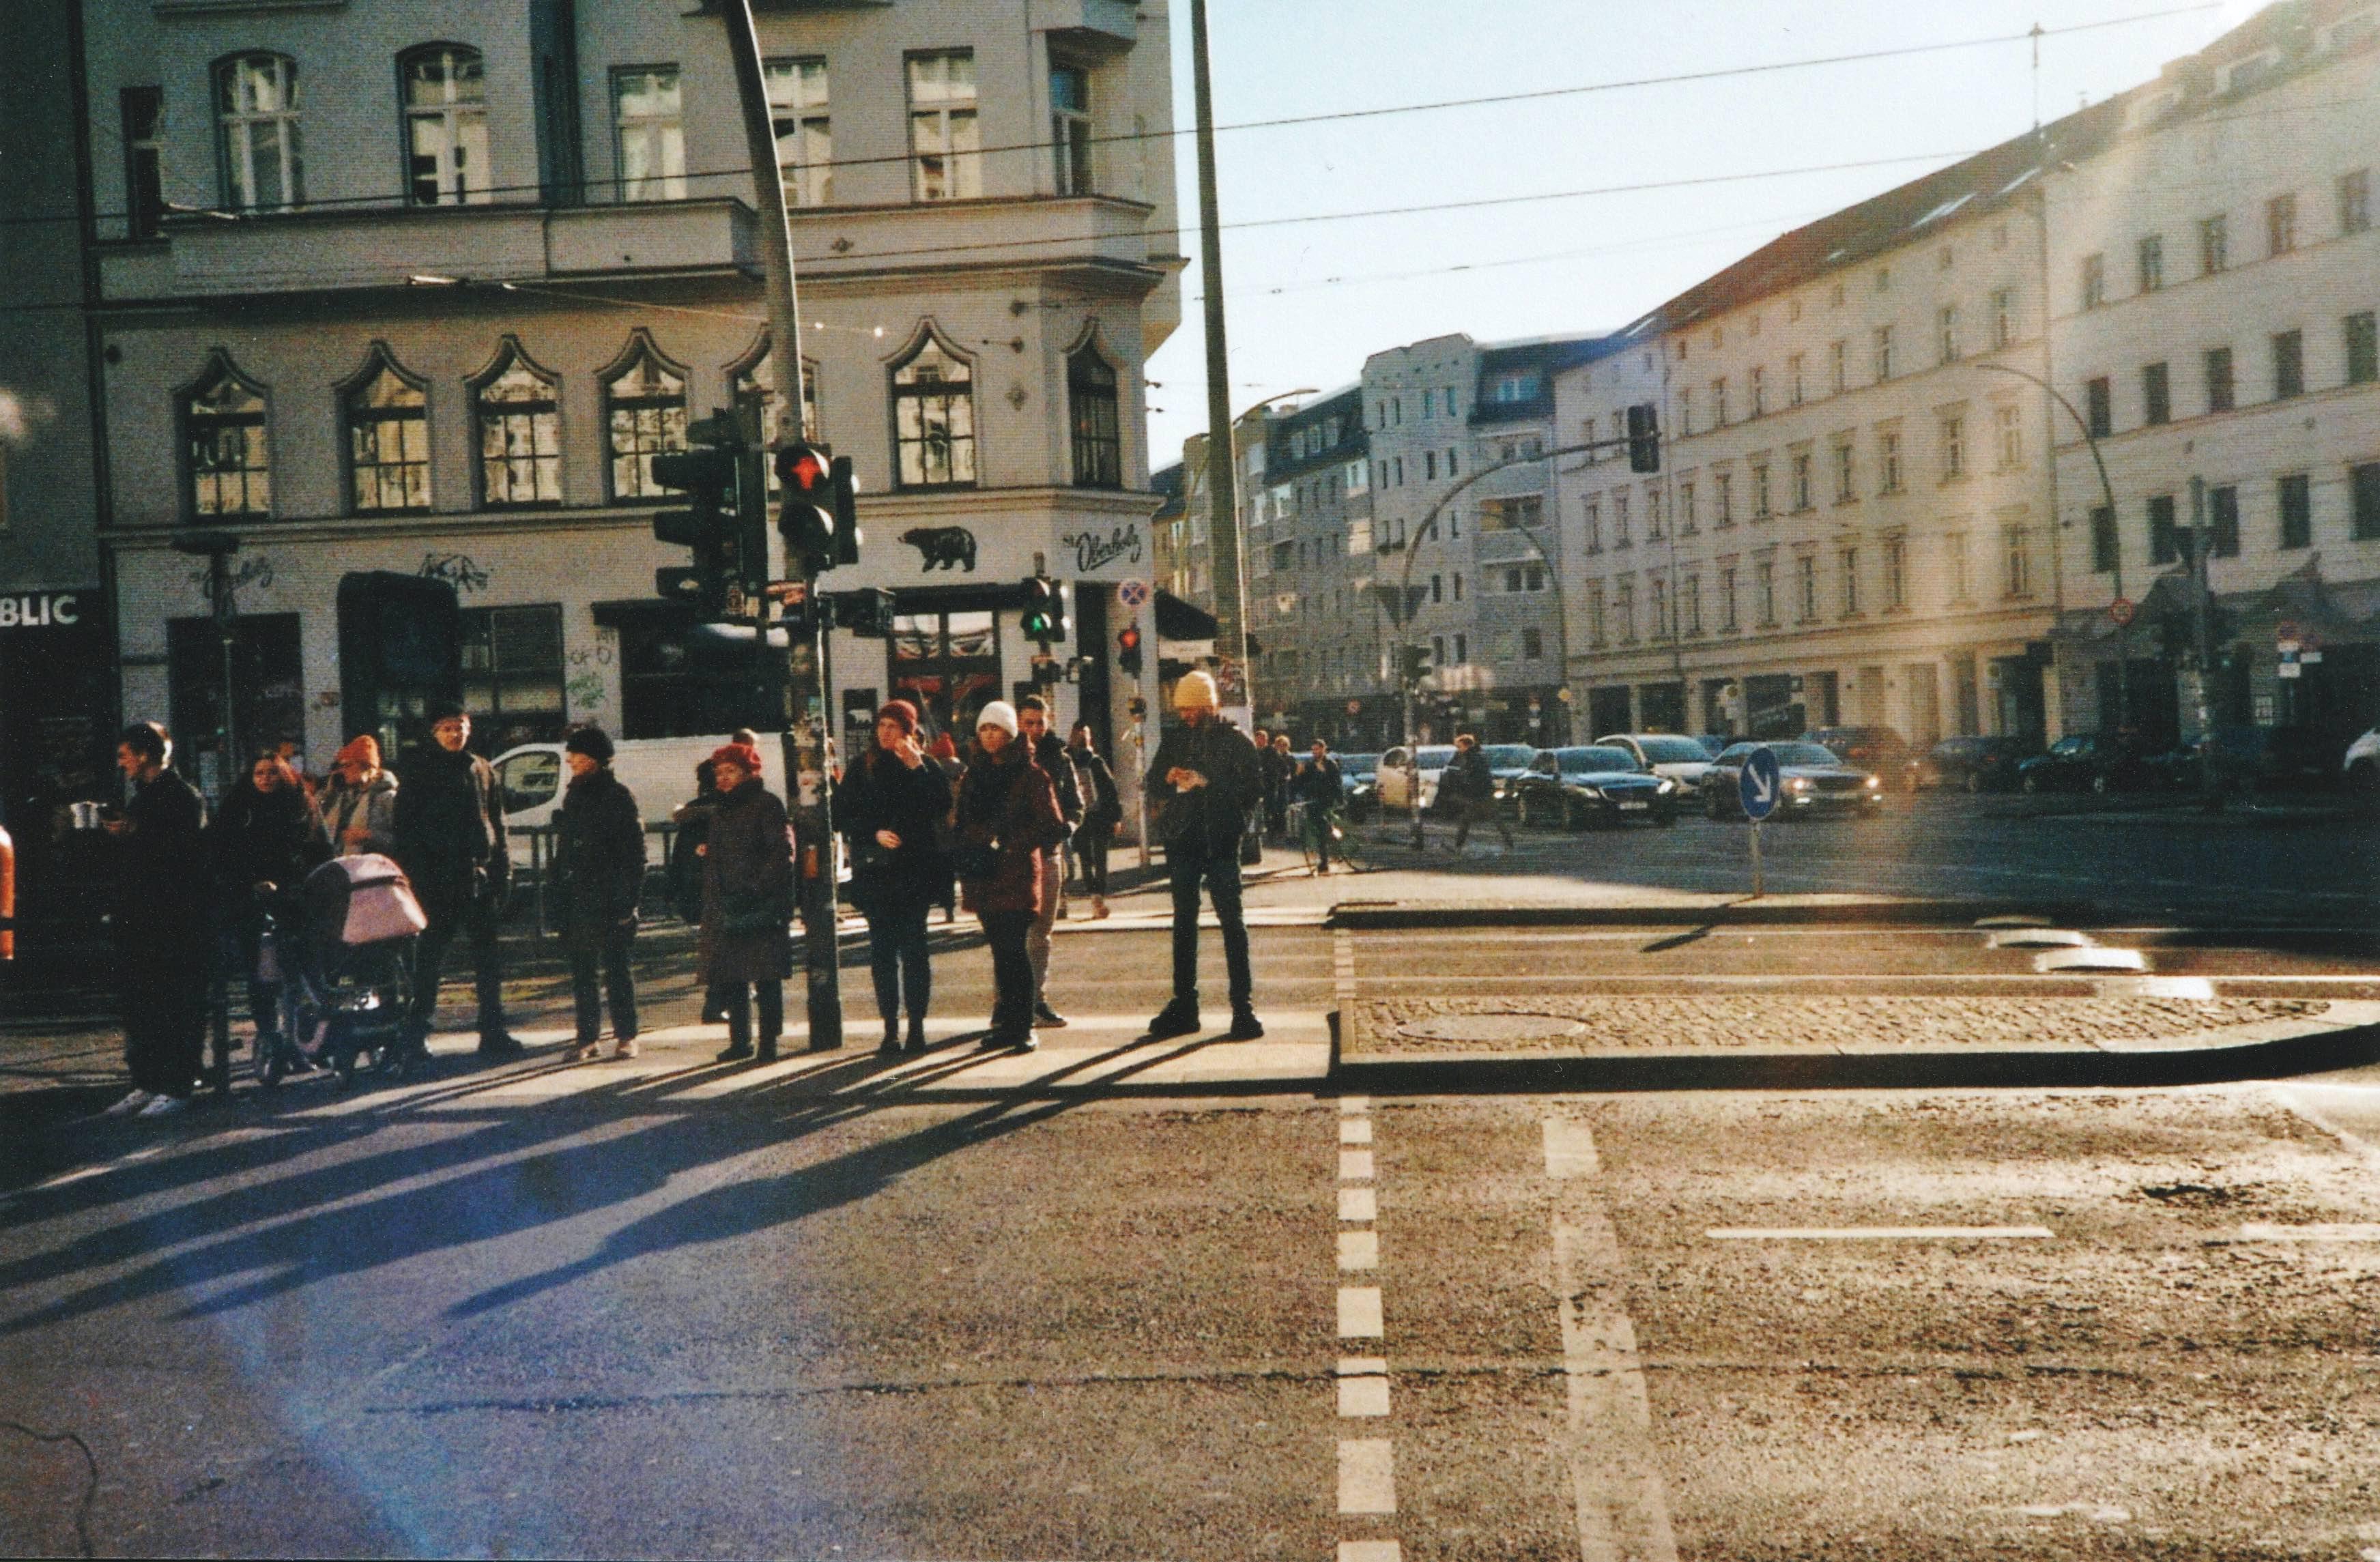 平日里柏林繁忙的市中心街景。本文图片均由作者拍摄并提供。